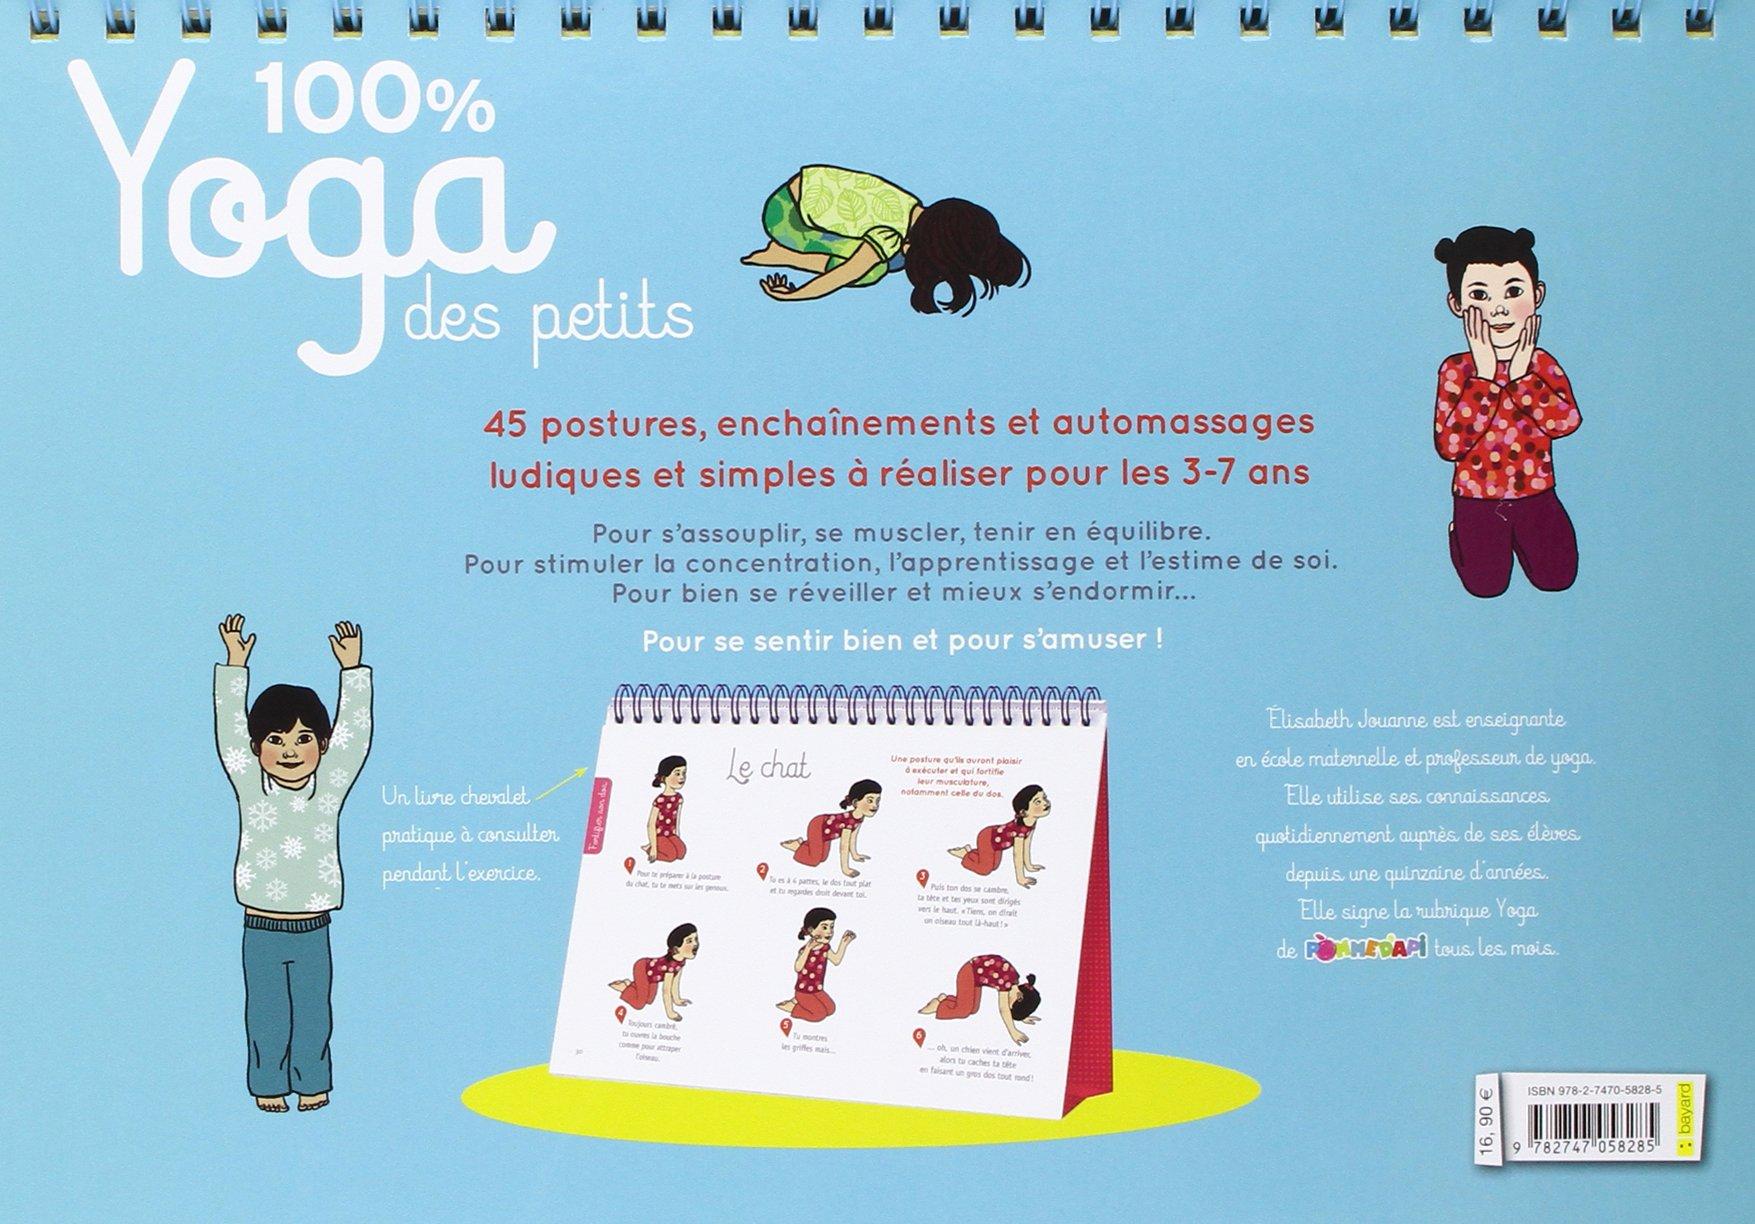 100% yoga des petits: Bien dans son corps, bien dans sa tête ...